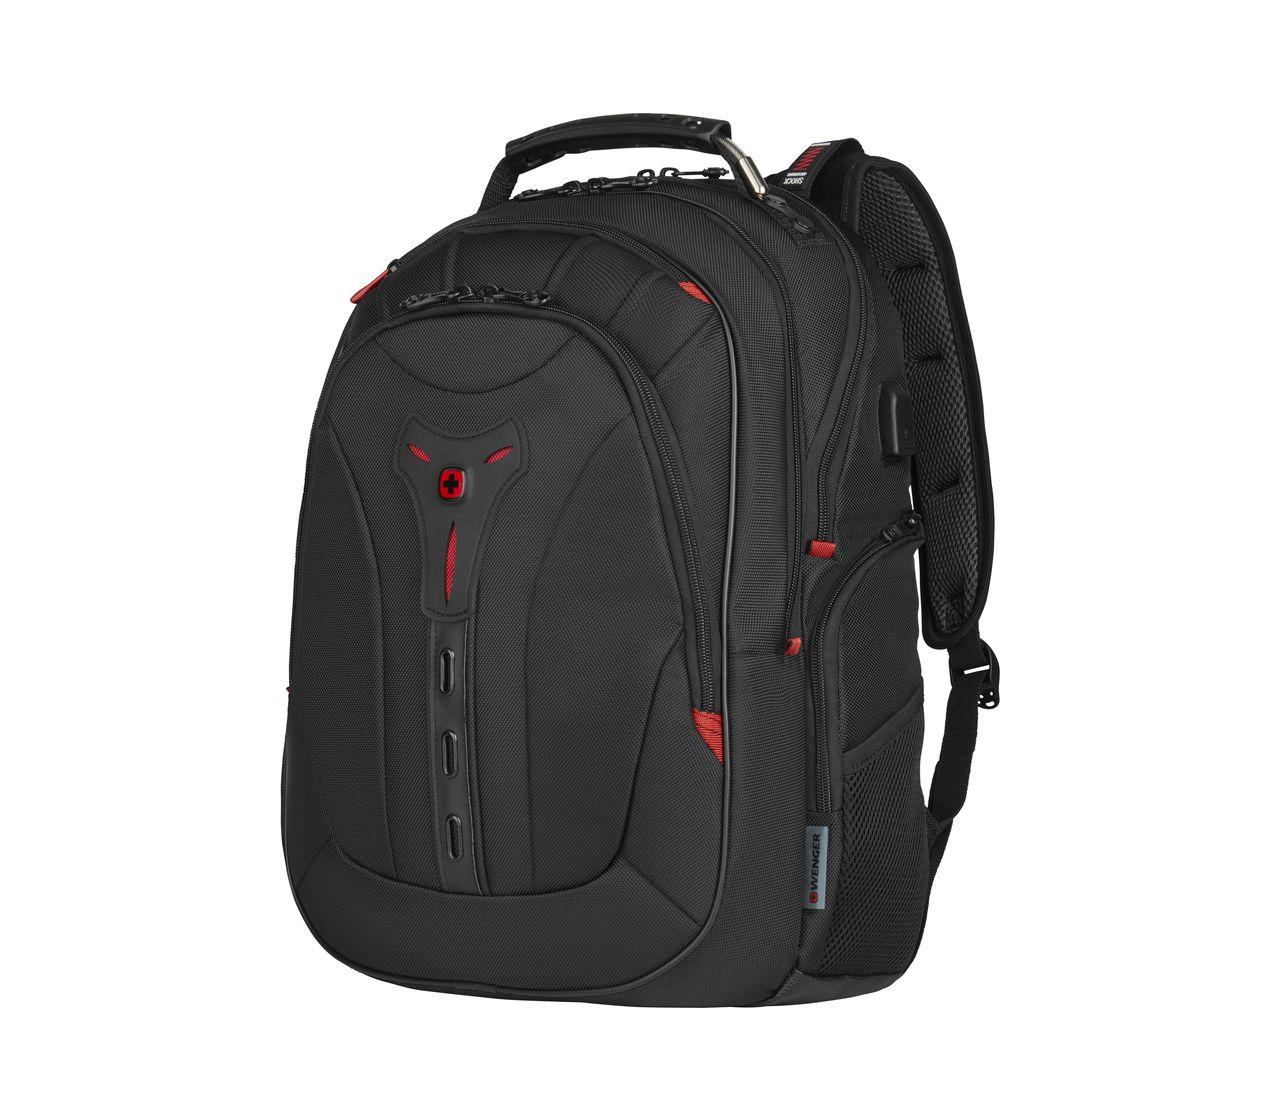 Wenger Pegasus Deluxe 16 Laptop Backpack In Black 606492